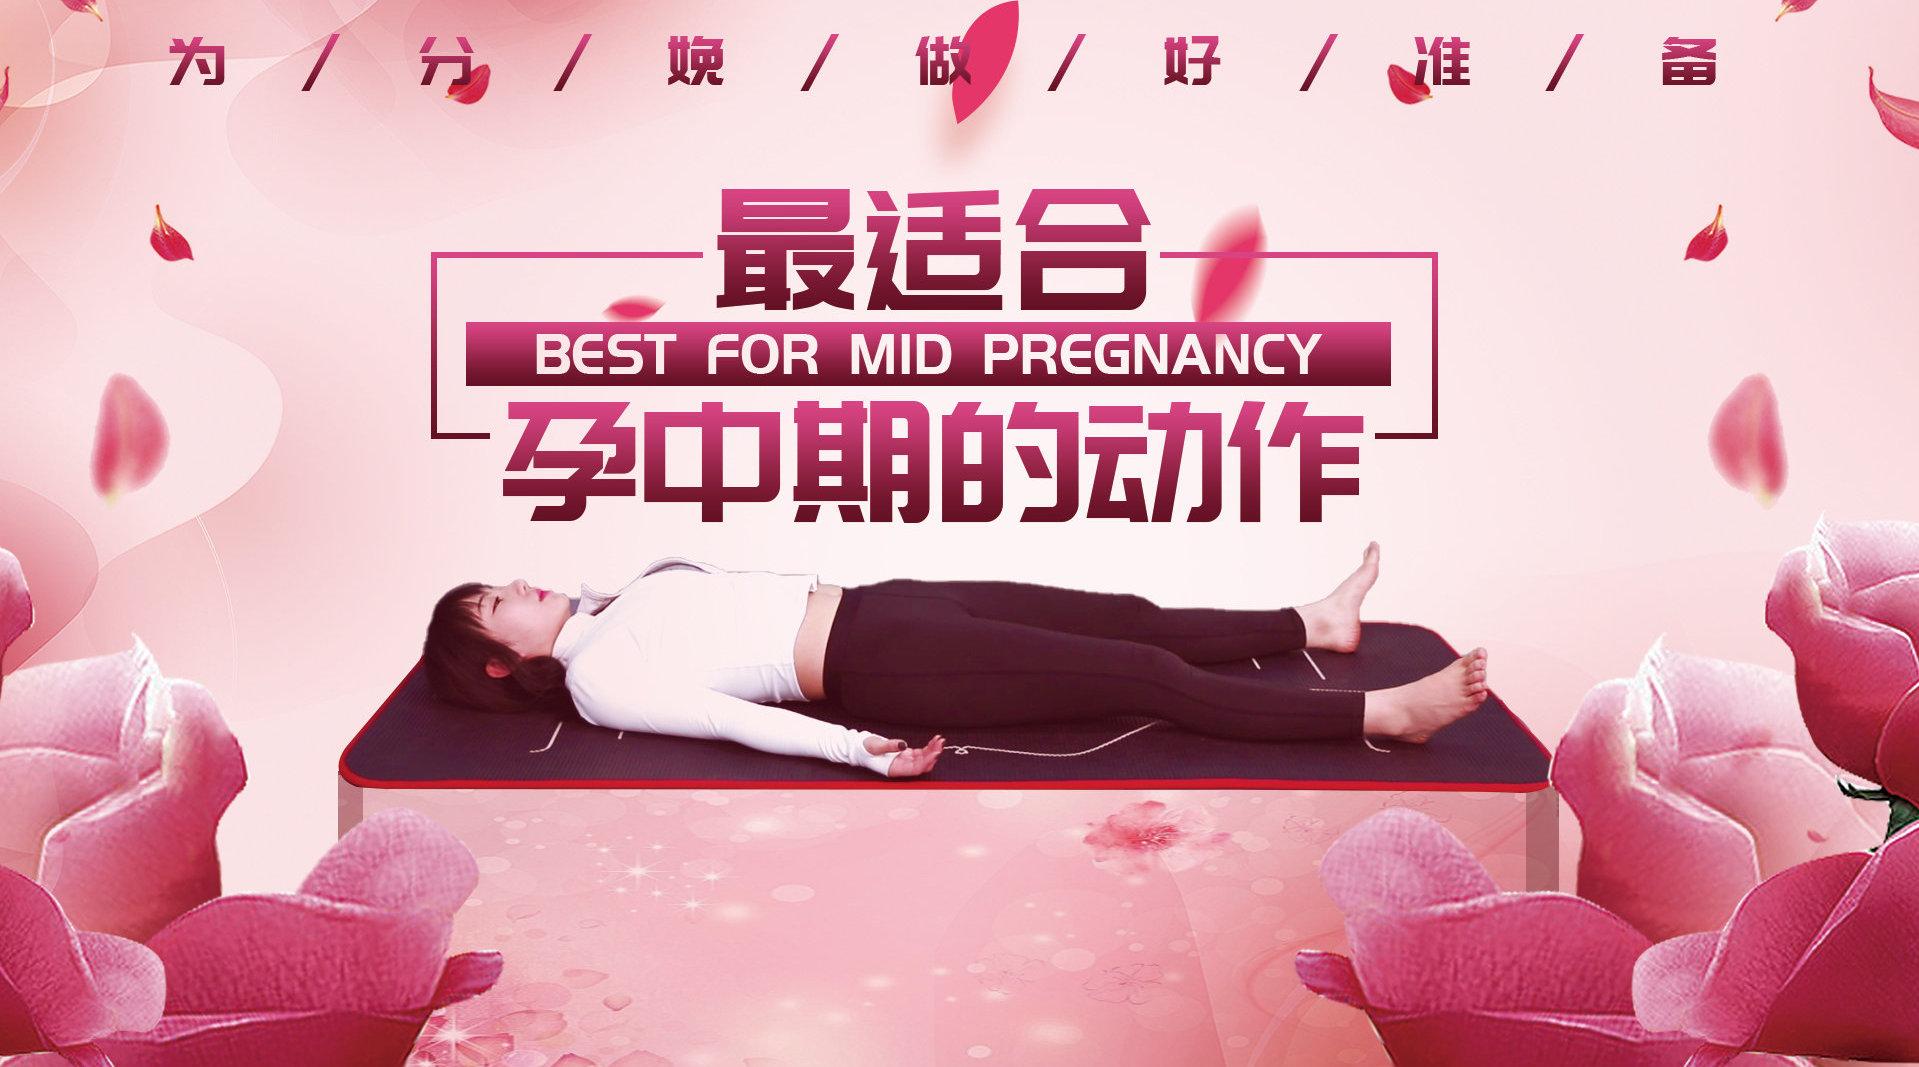 三个瑜伽体式!缓解腰痛帮助顺产,孕中期准妈妈们赶紧试试